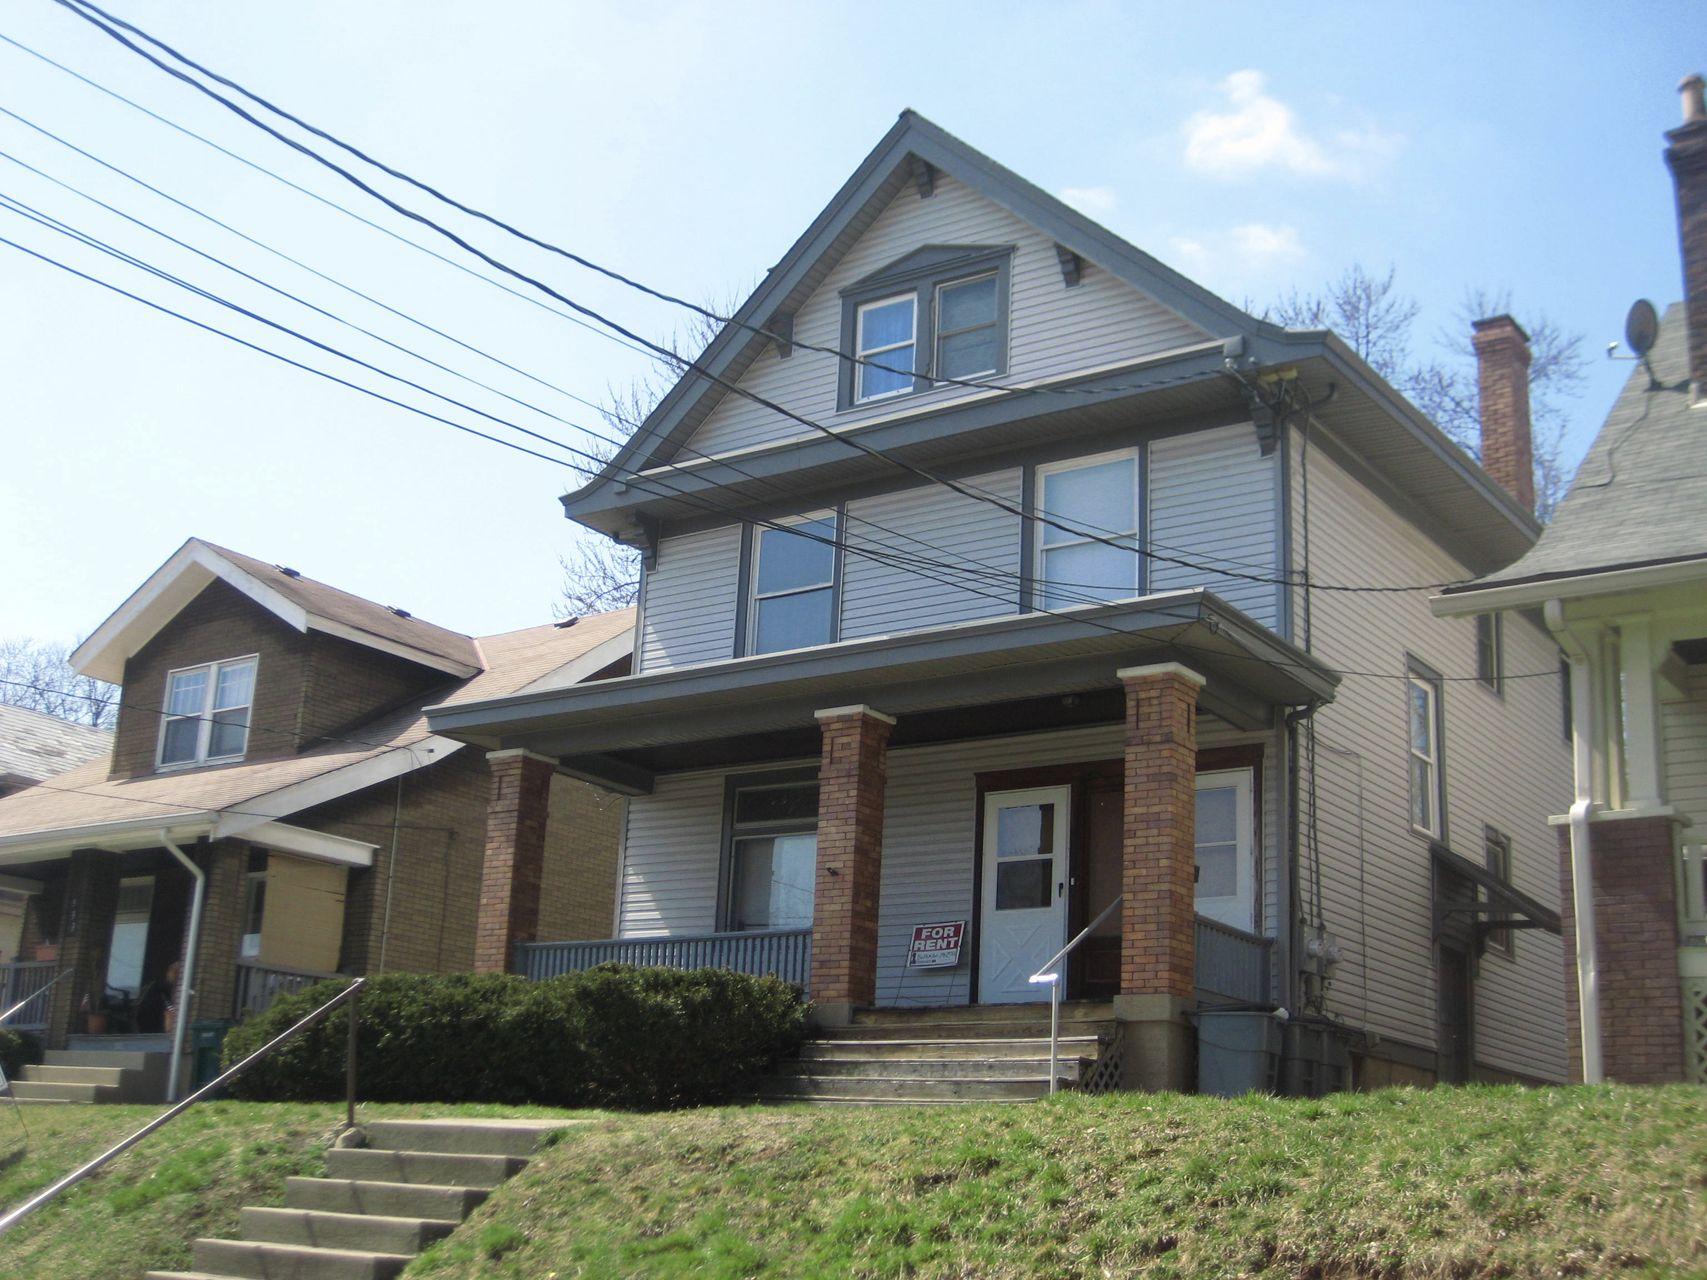 937 Seton Ave, Cincinnati, OH